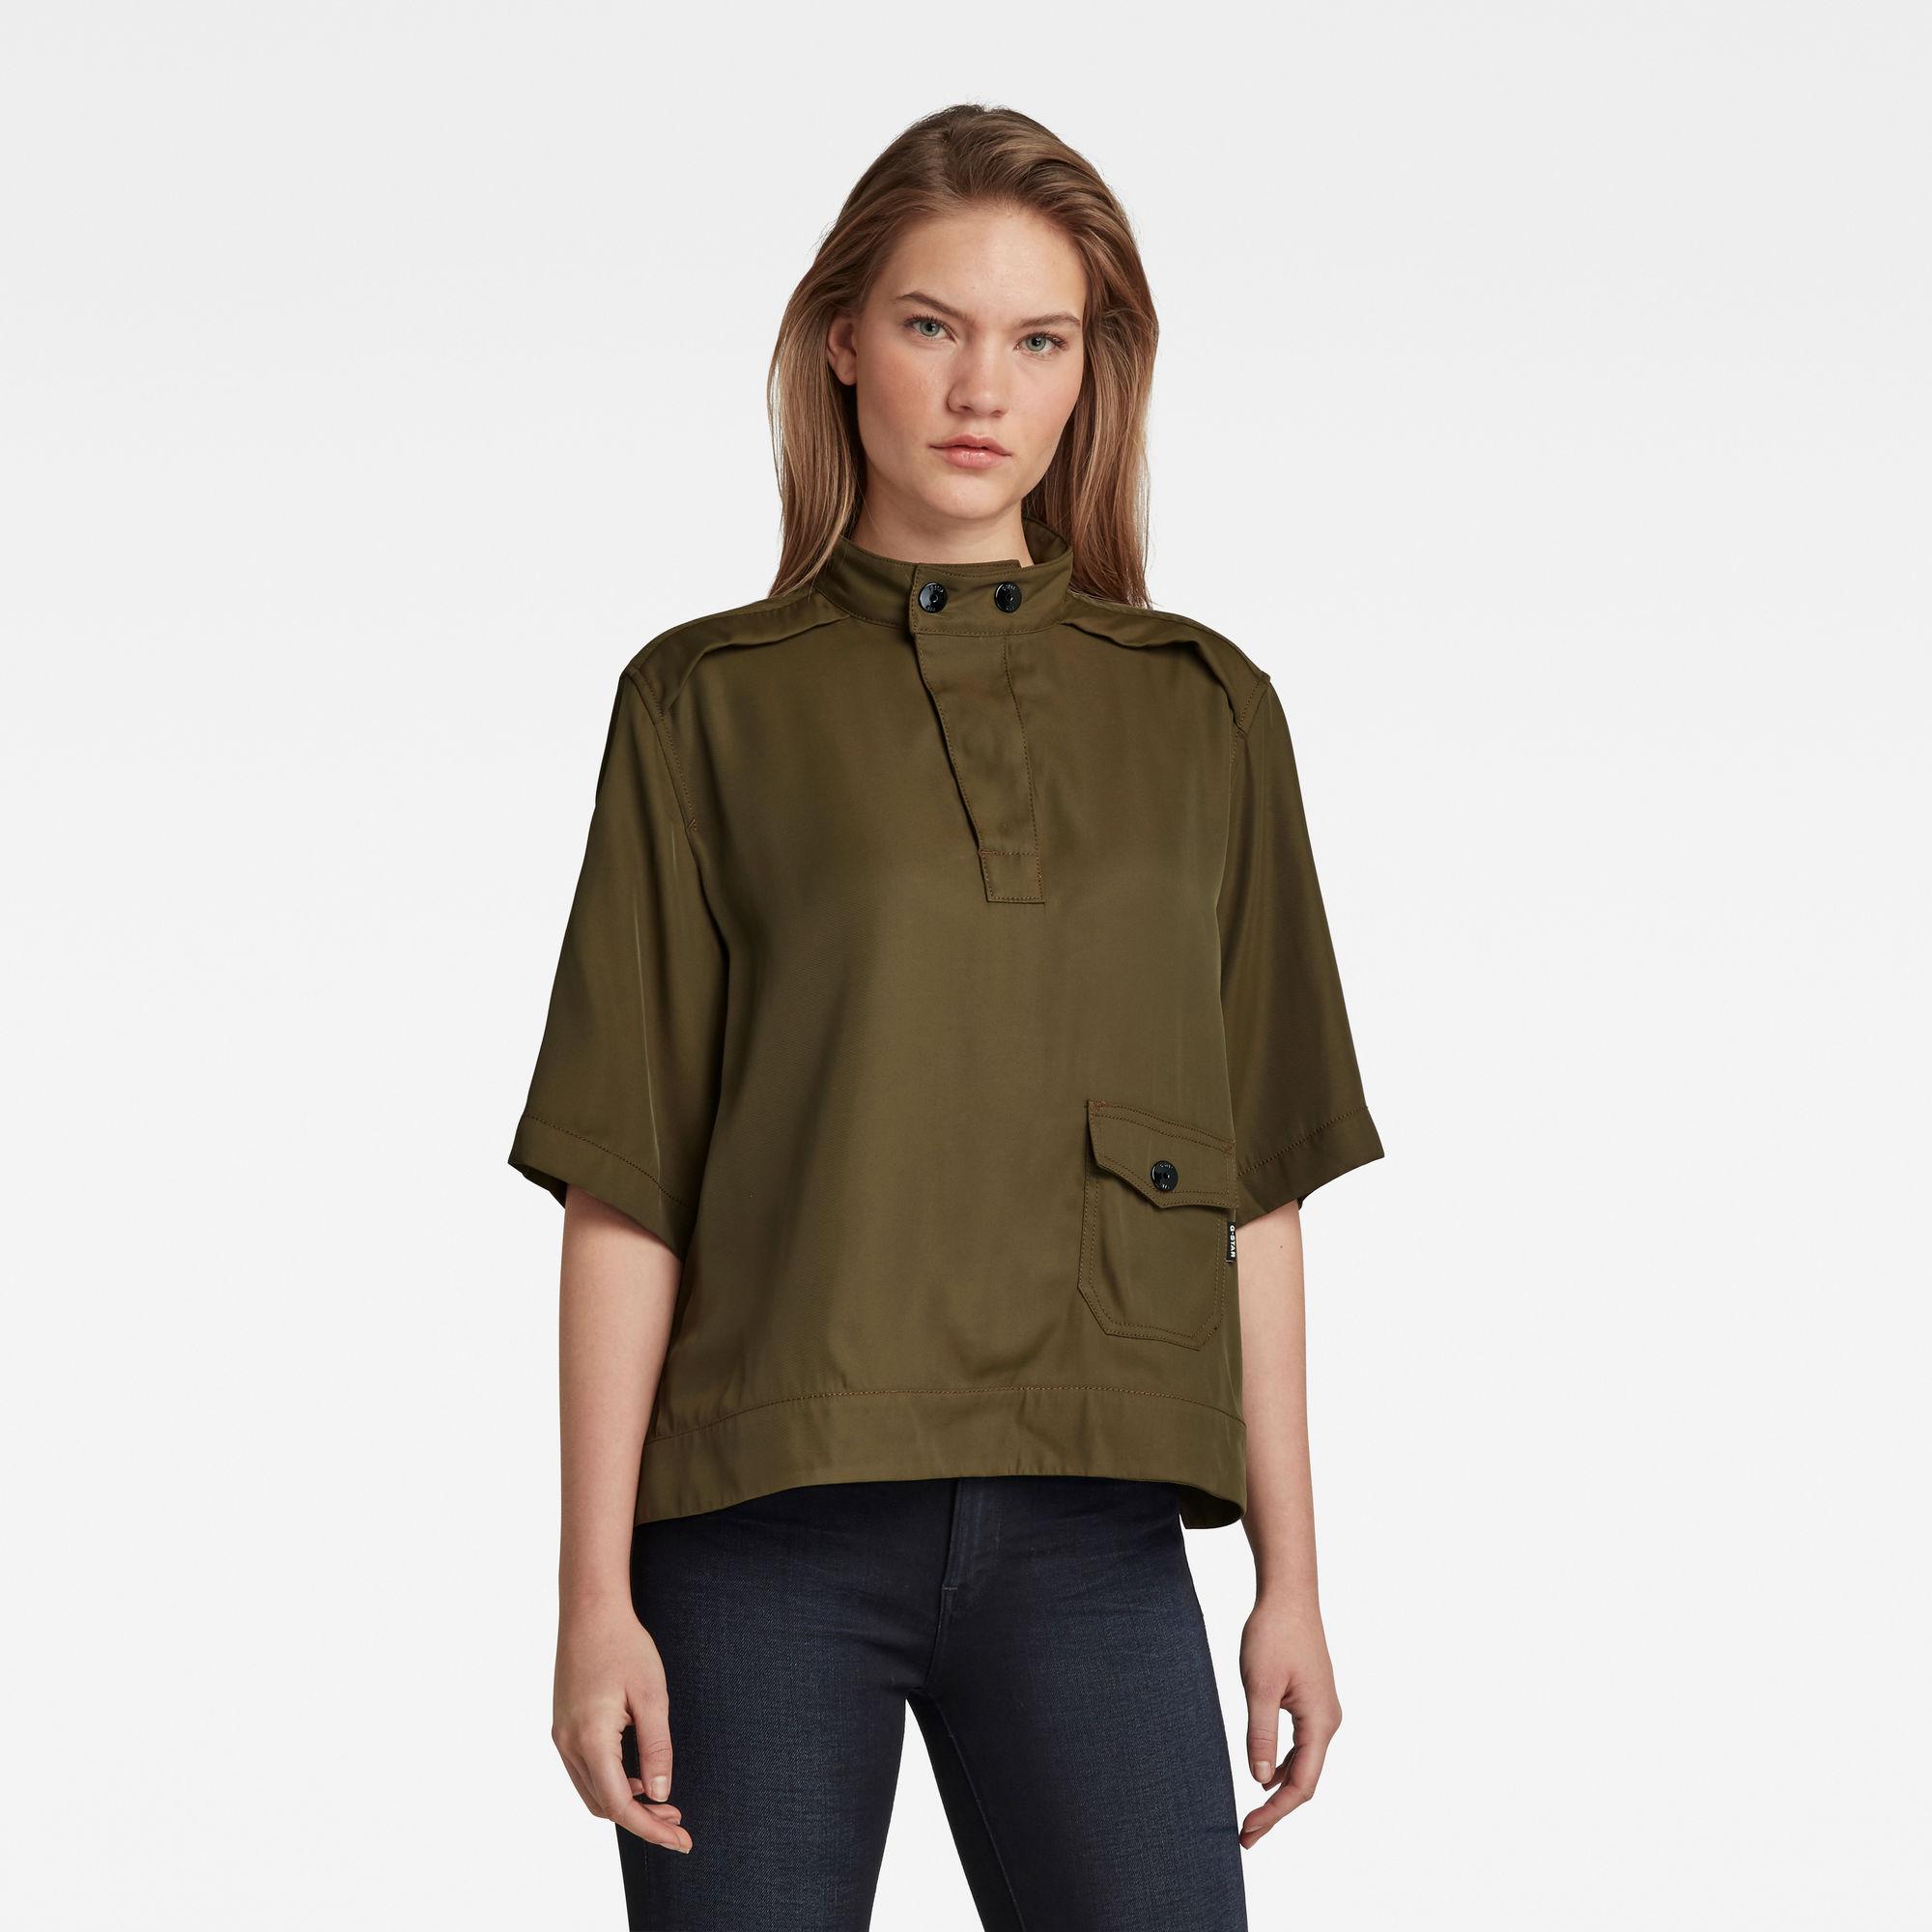 G-Star RAW Dames Swedish Collar Shirt Groen